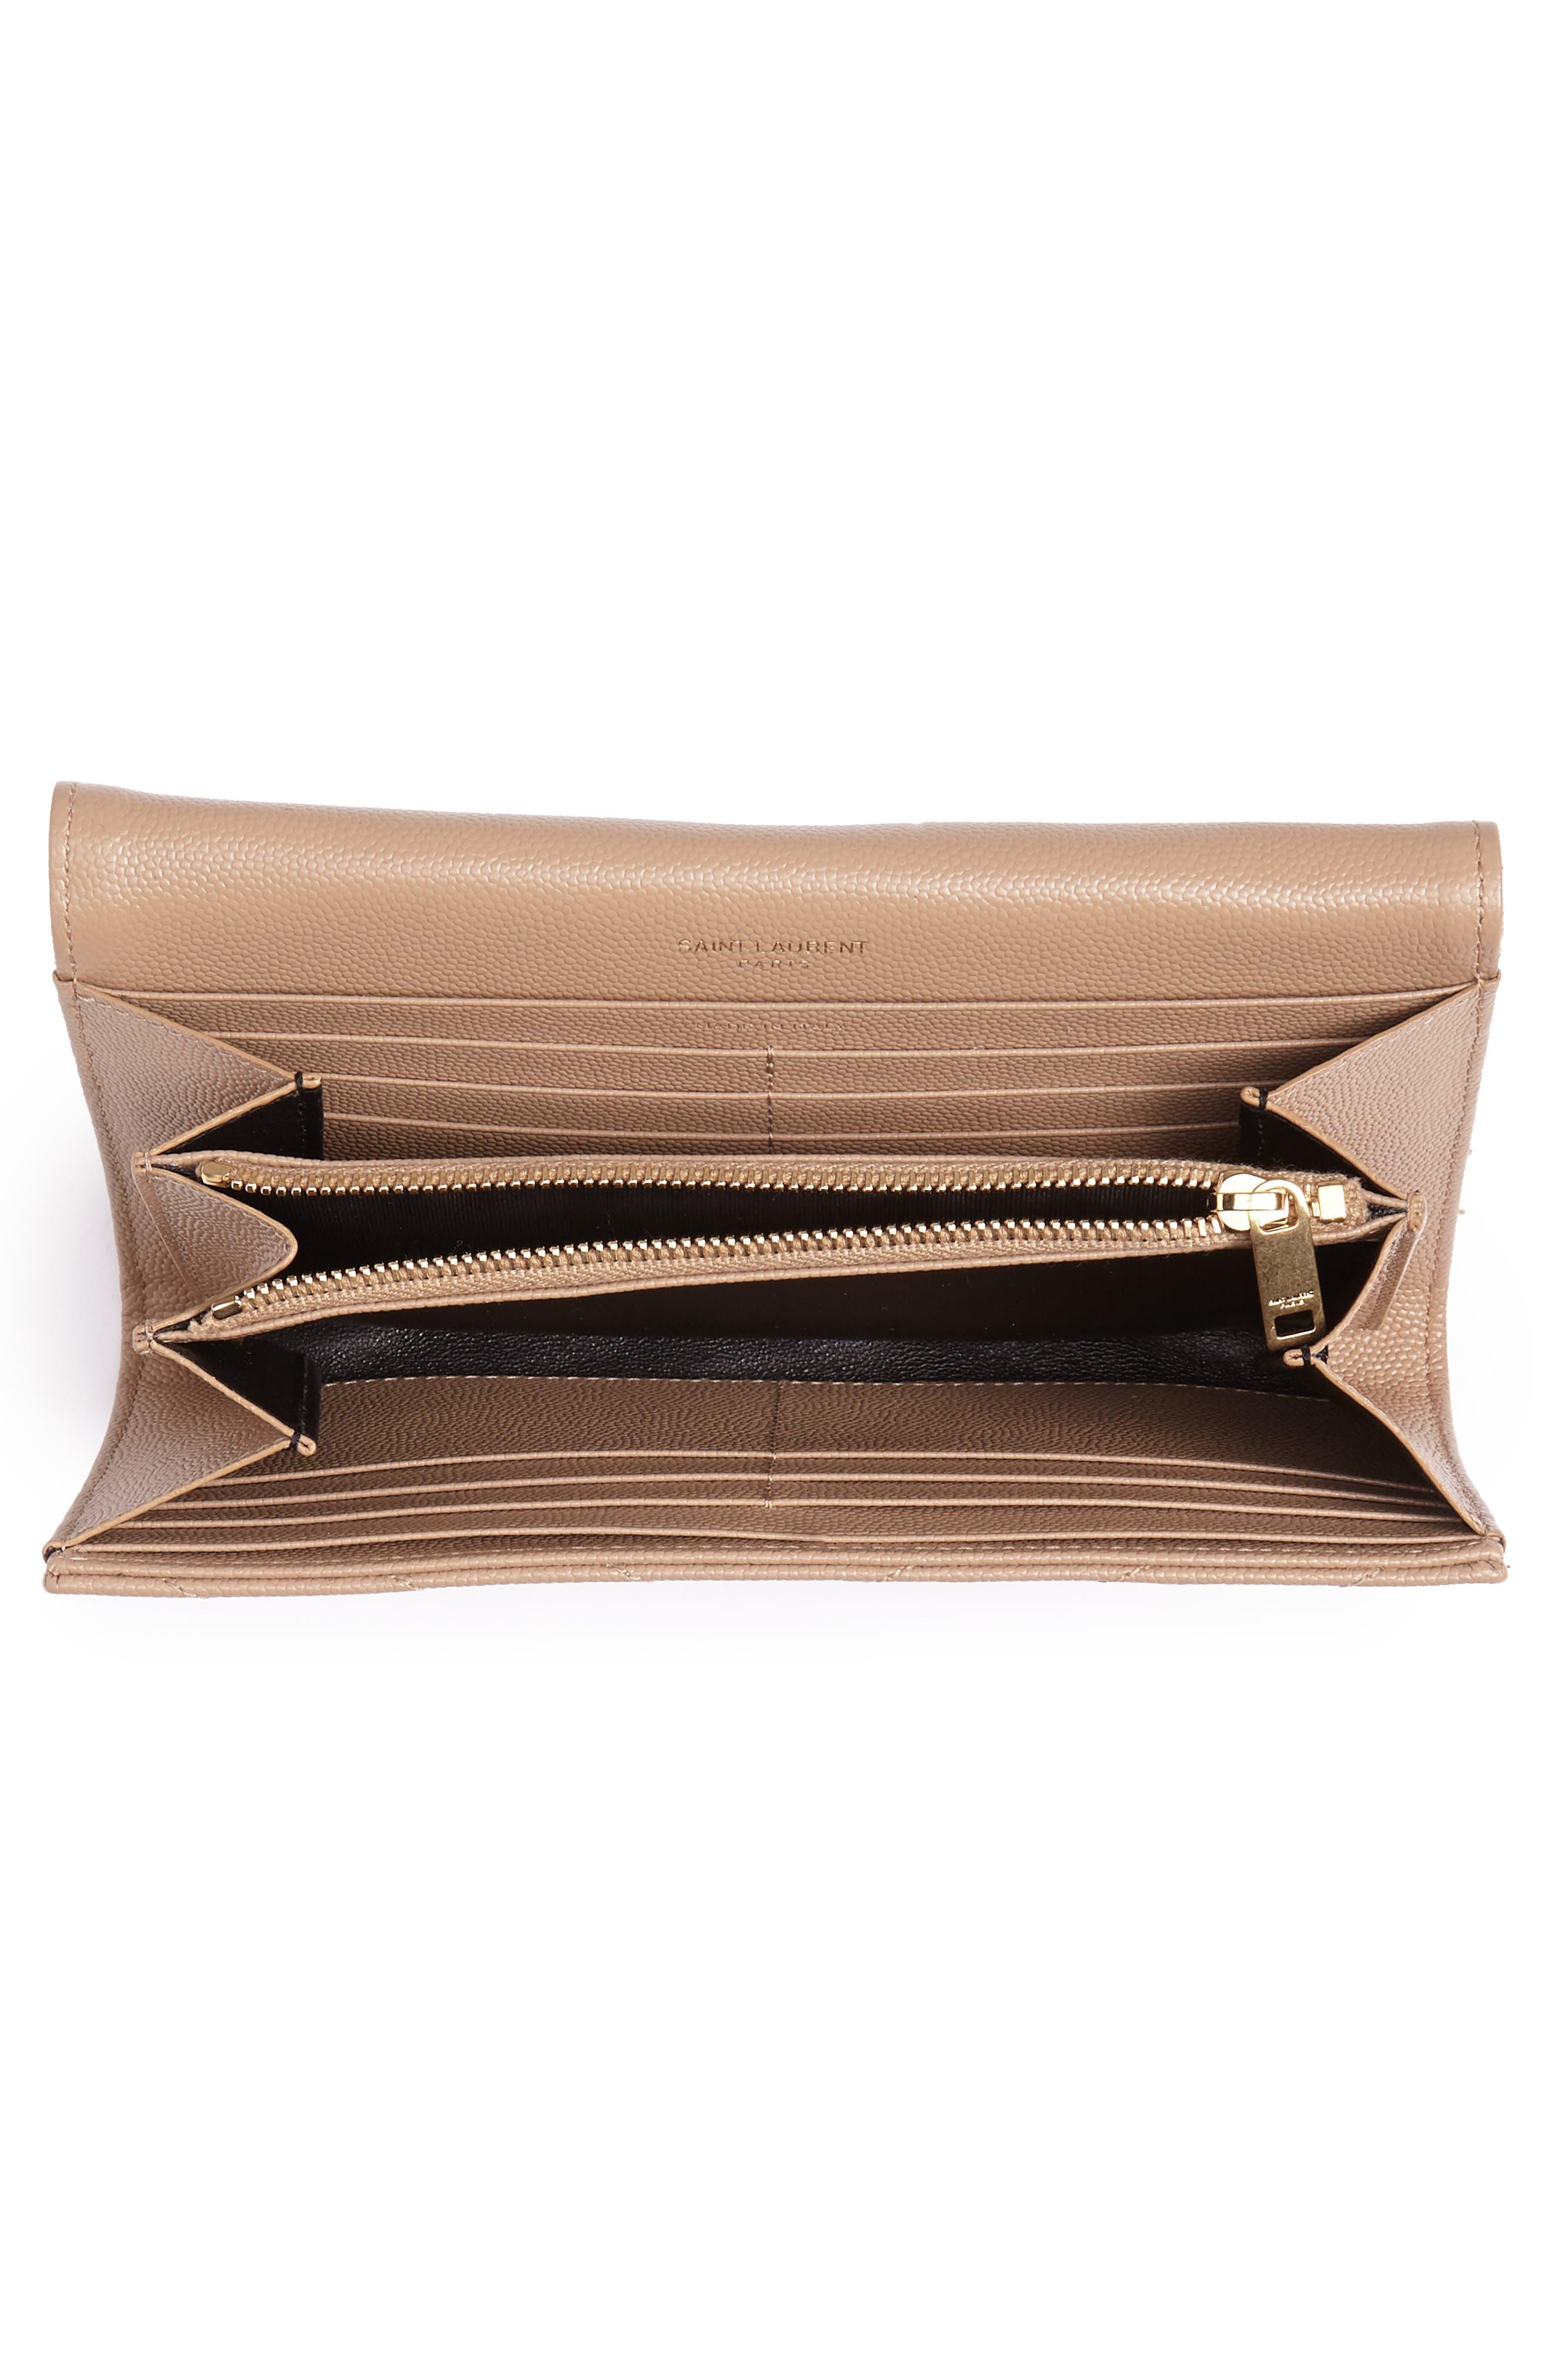 SAINT LAURENT, Monogram Logo Leather Flap Wallet, Alternate thumbnail 4, color, CHENE